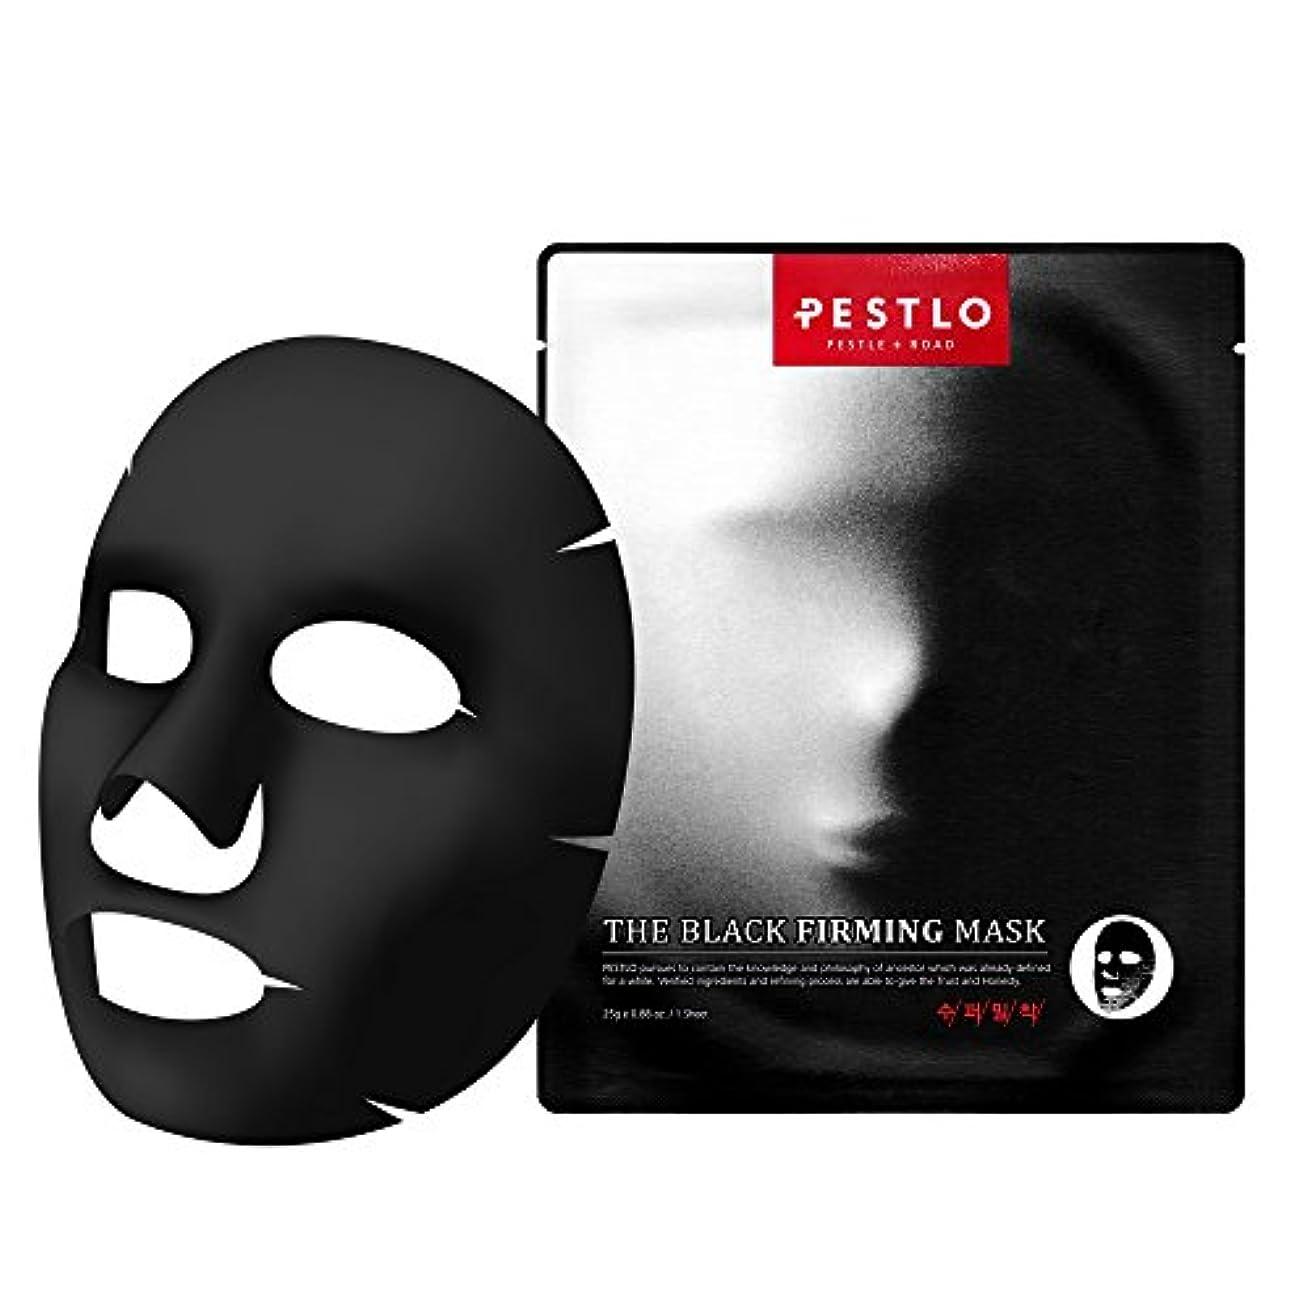 埋める配置組み合わせるPestlo The Black Firming Mask 7 Sheets 【ペスロザブラックファーミングマスク】 - モイスチャ 抗酸化効果 透明スキンケア 韓国コスメ 1シート / 25g